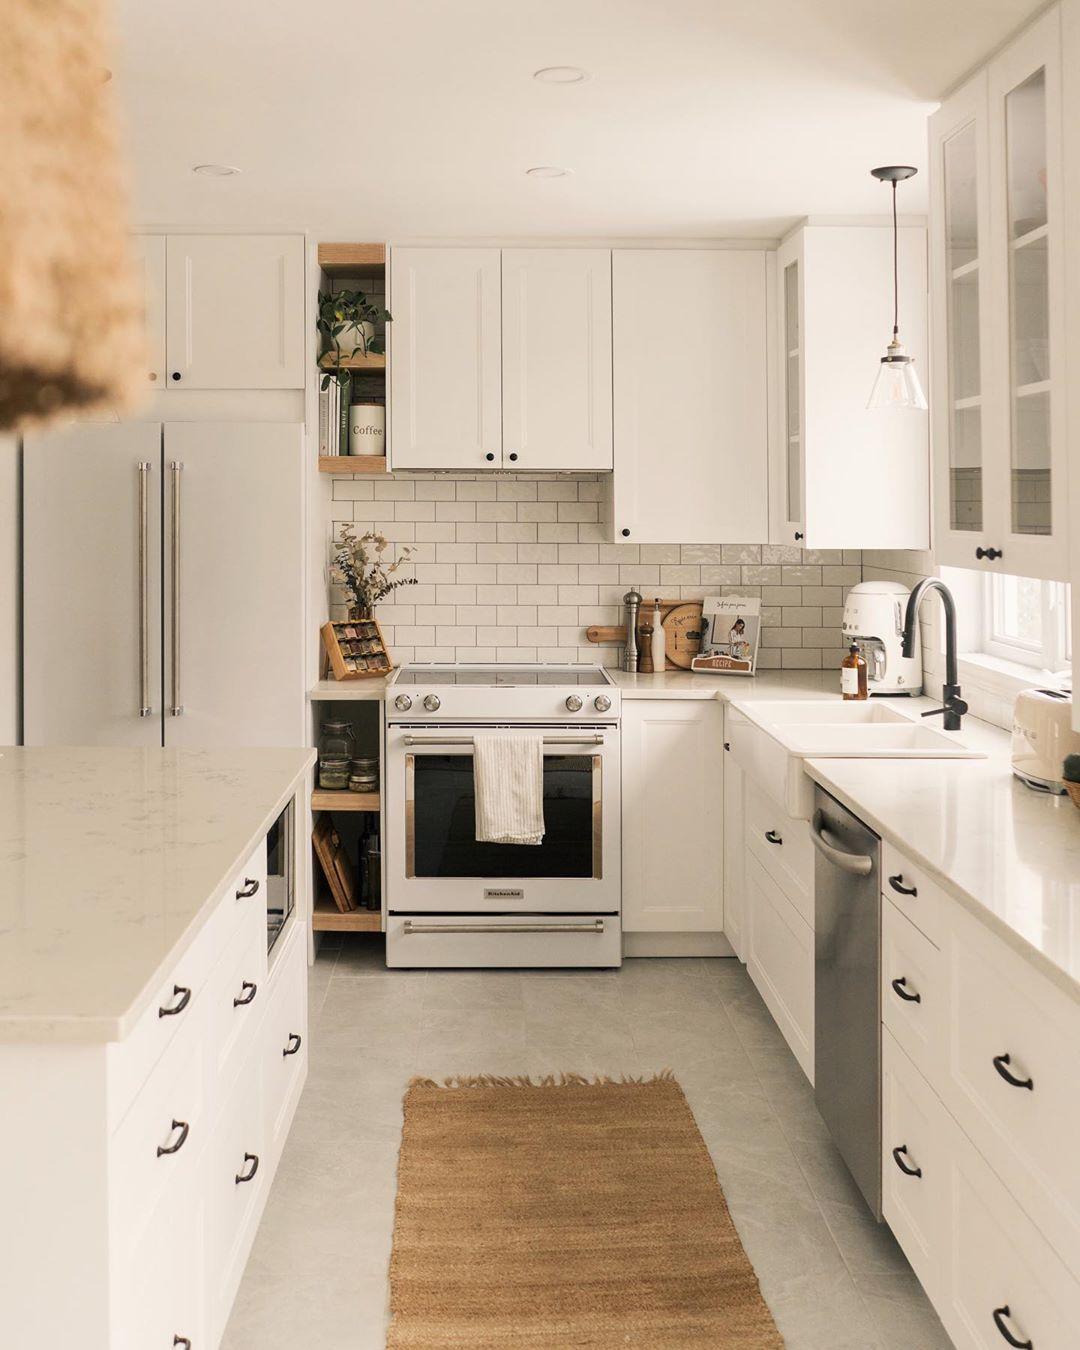 Desain Interior Dapur yang Didominasi Warna Putih Ala Scandinavian